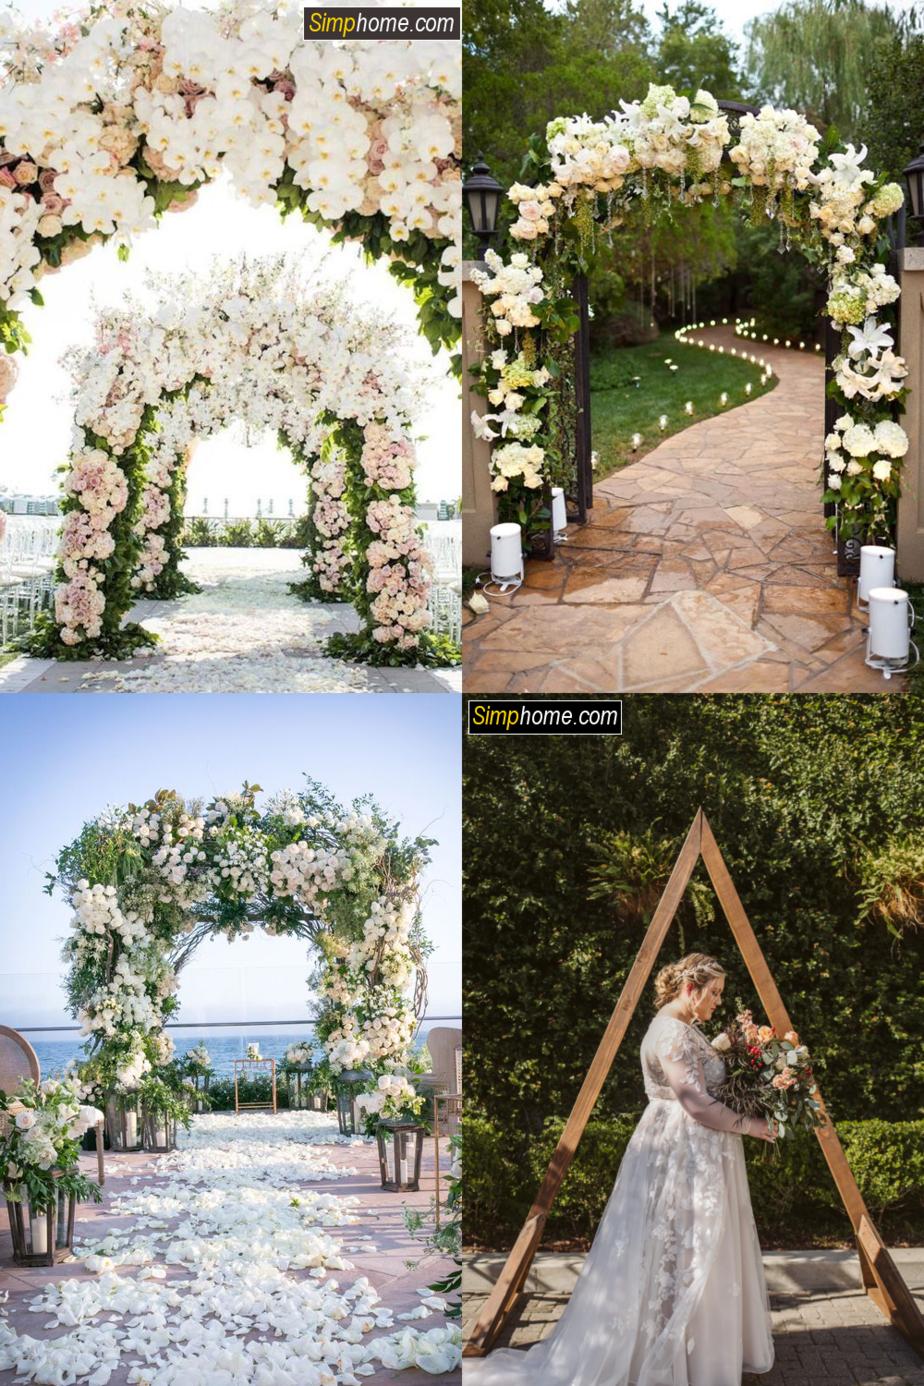 9.Roses Arch Ideas via Simphome.com